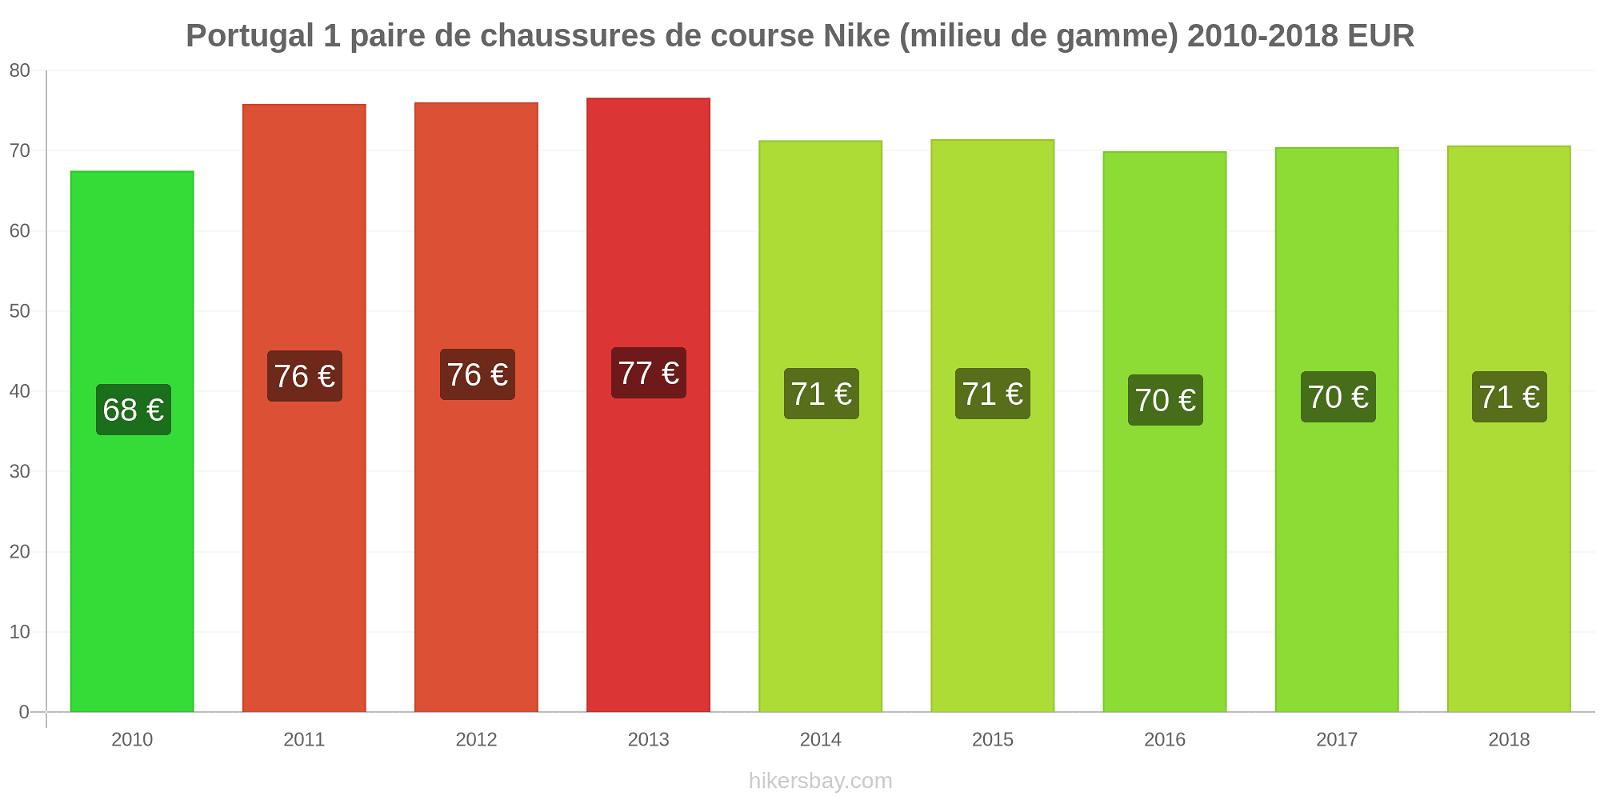 Portugal changements de prix 1 paire de chaussures de course Nike (milieu de gamme) hikersbay.com